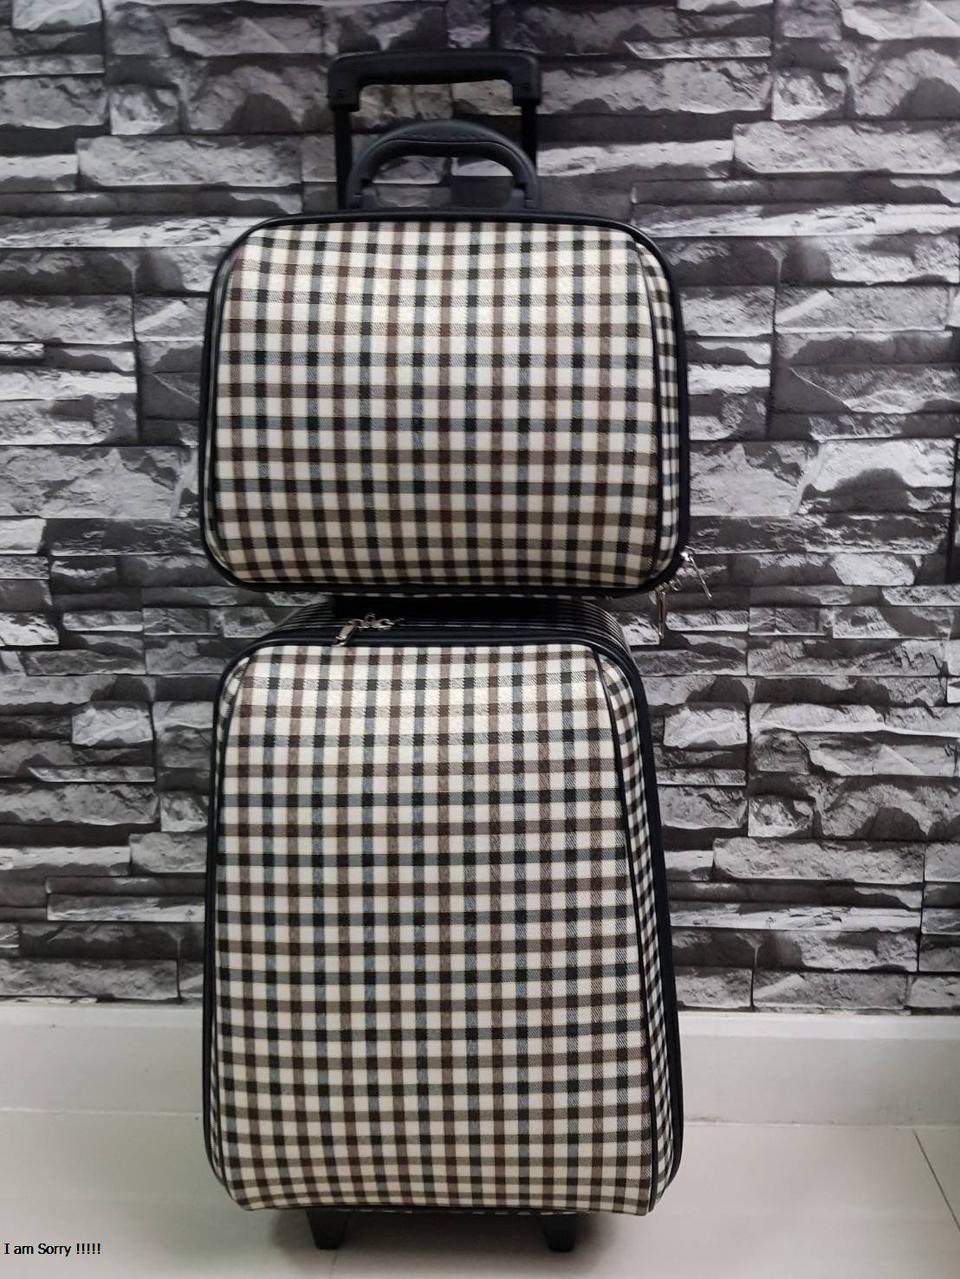 กระเป๋าเดินทางแบบผ้า เซ็ทคู่ 18/13 นิ้ว ลาย Khaki/Brown รูปที่ 2